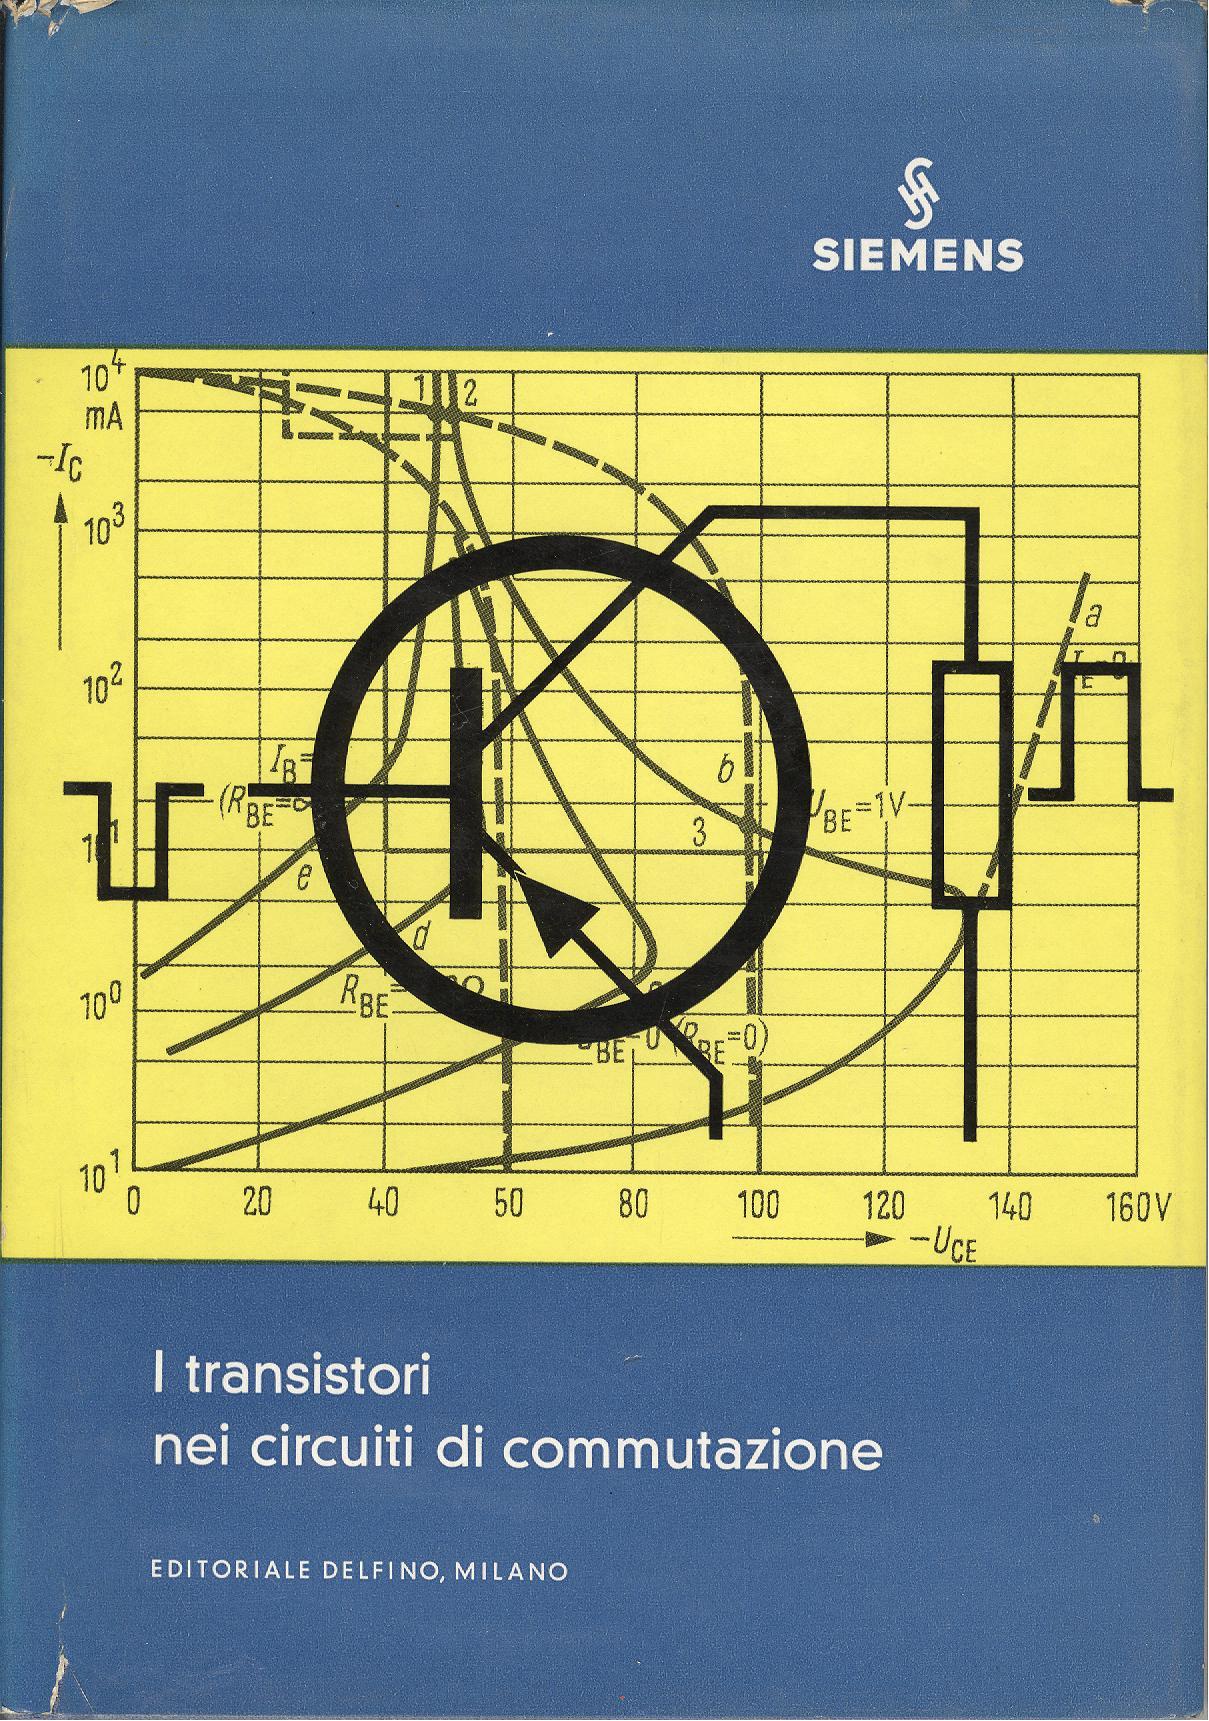 I transistori nei circuiti di commutazione